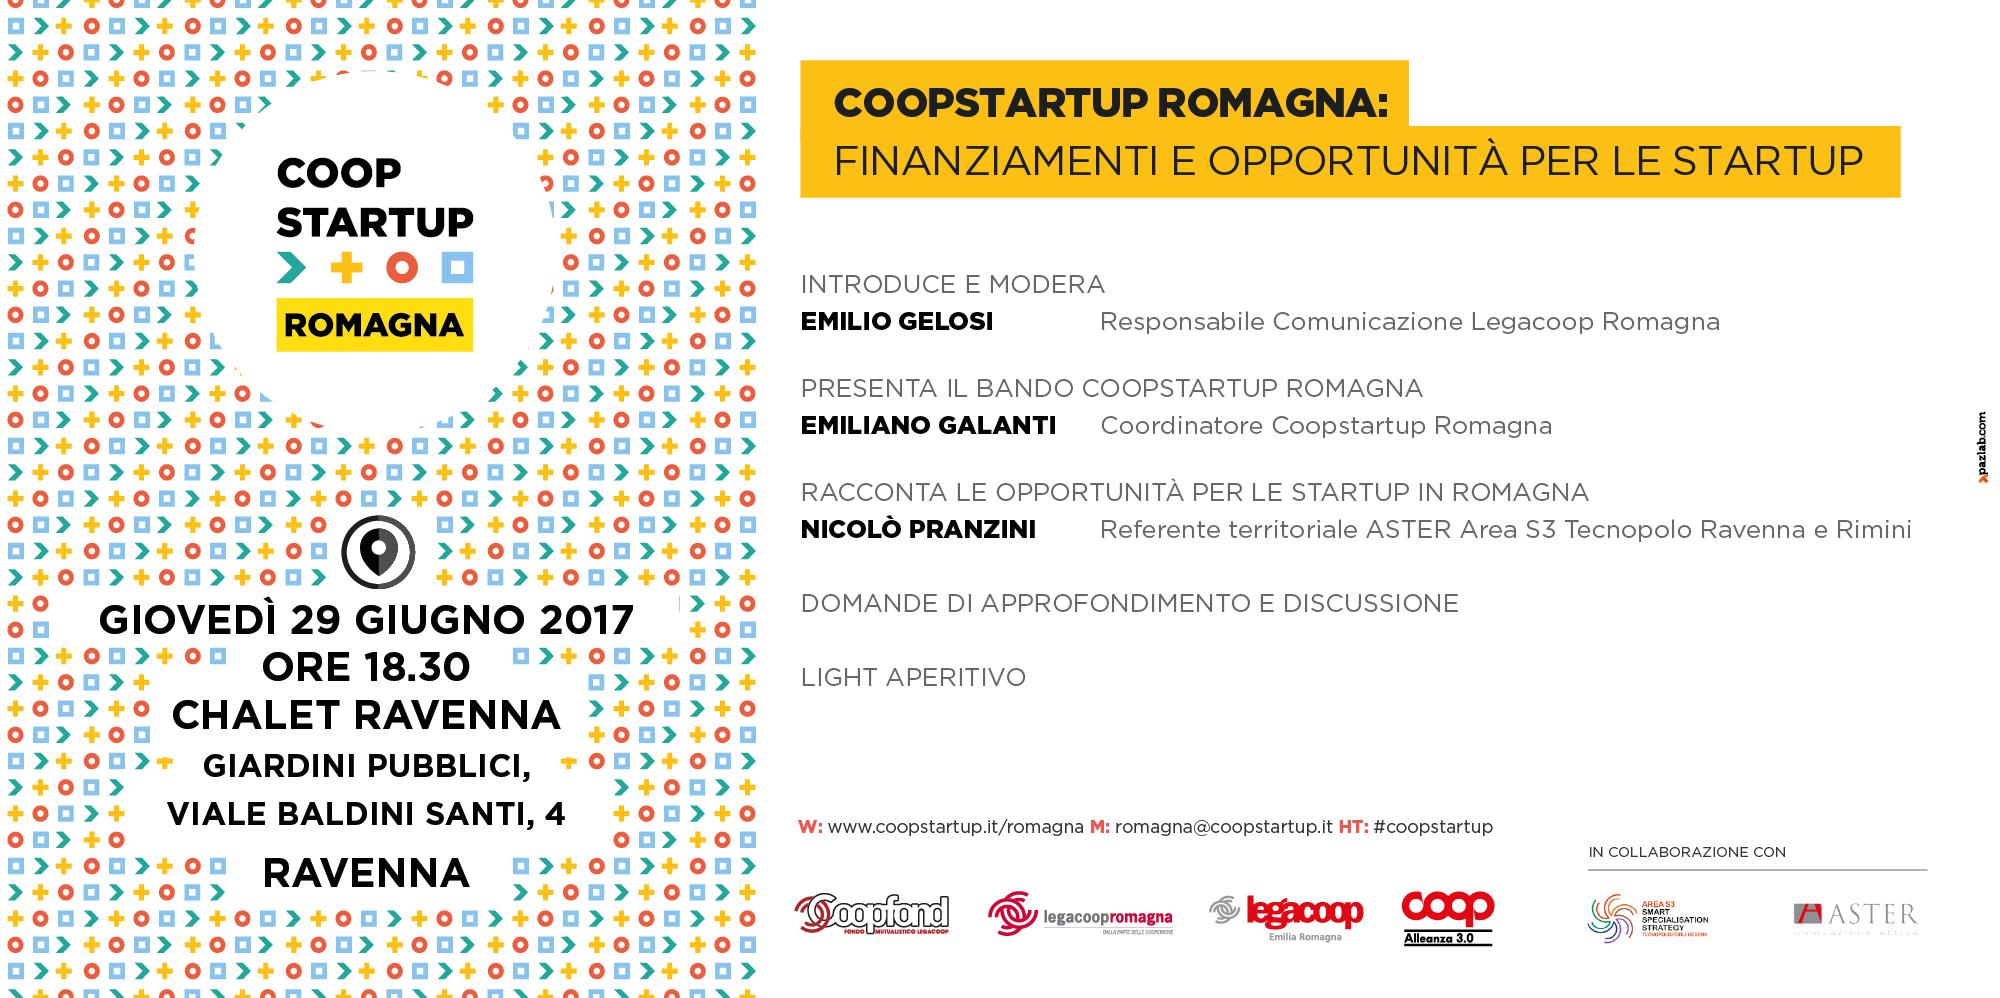 Coopstartup Romagna, finanziamenti e opportunità per le startup il 29/6 a Ravenna